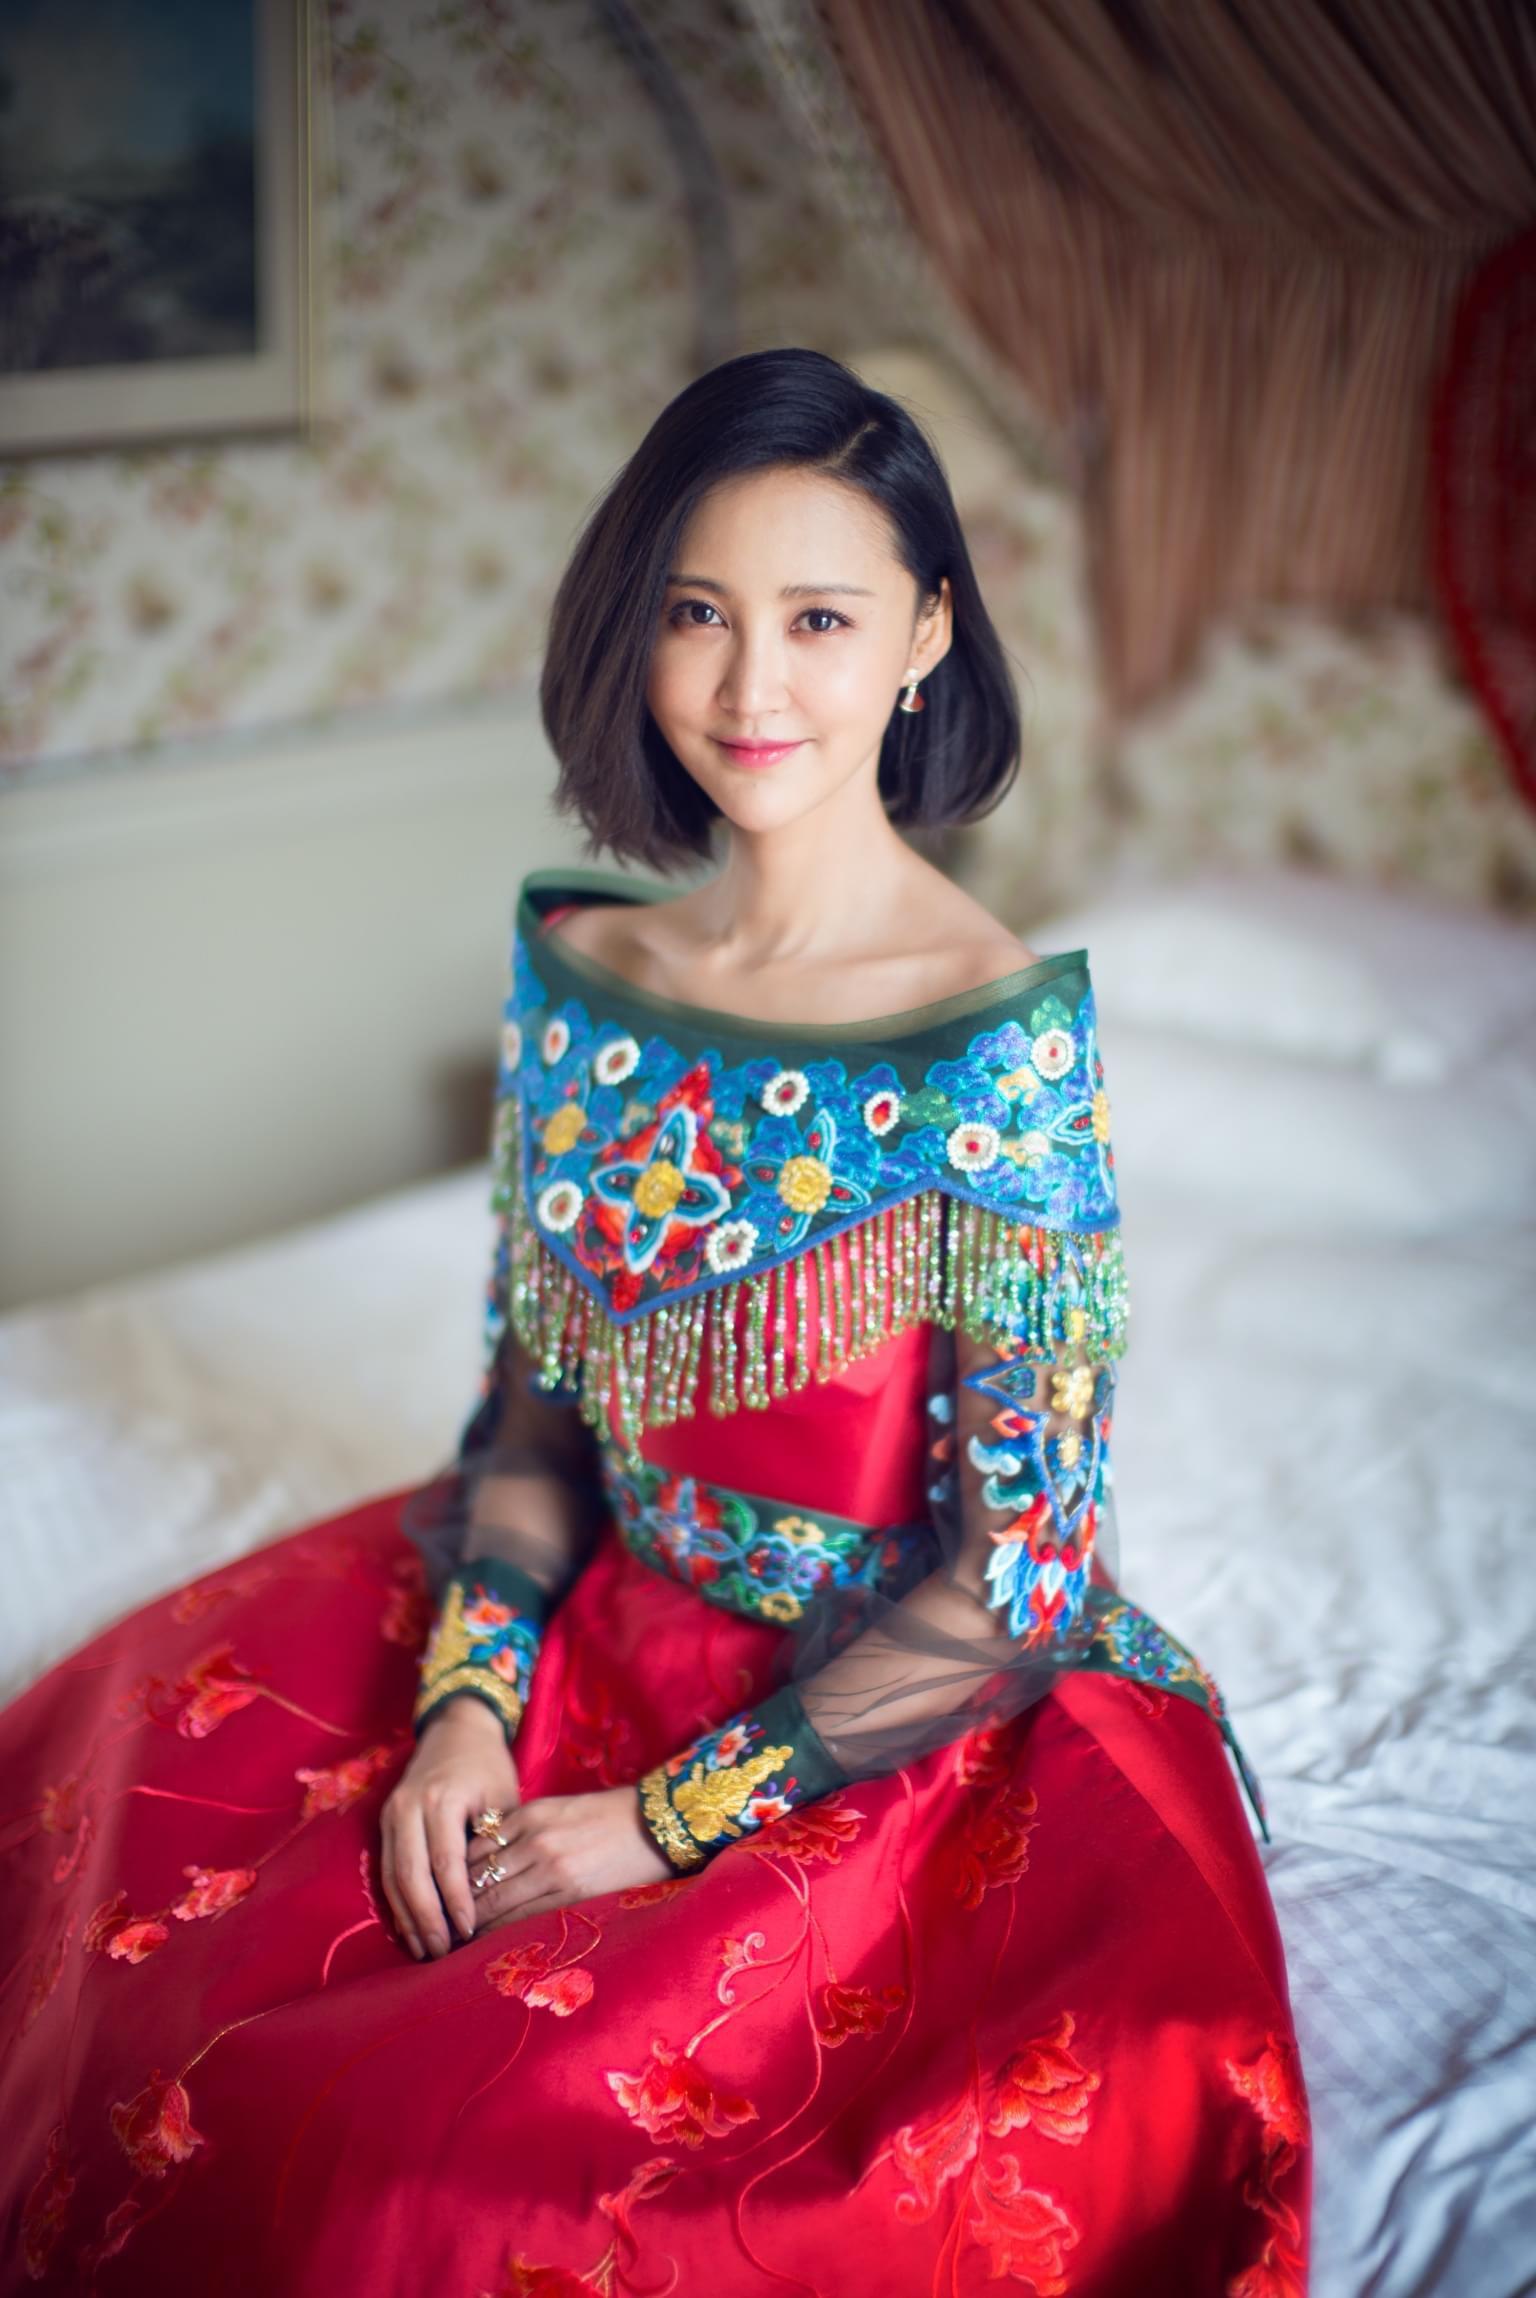 张歆艺受邀中澳国际电影节 红毯造型引猜想